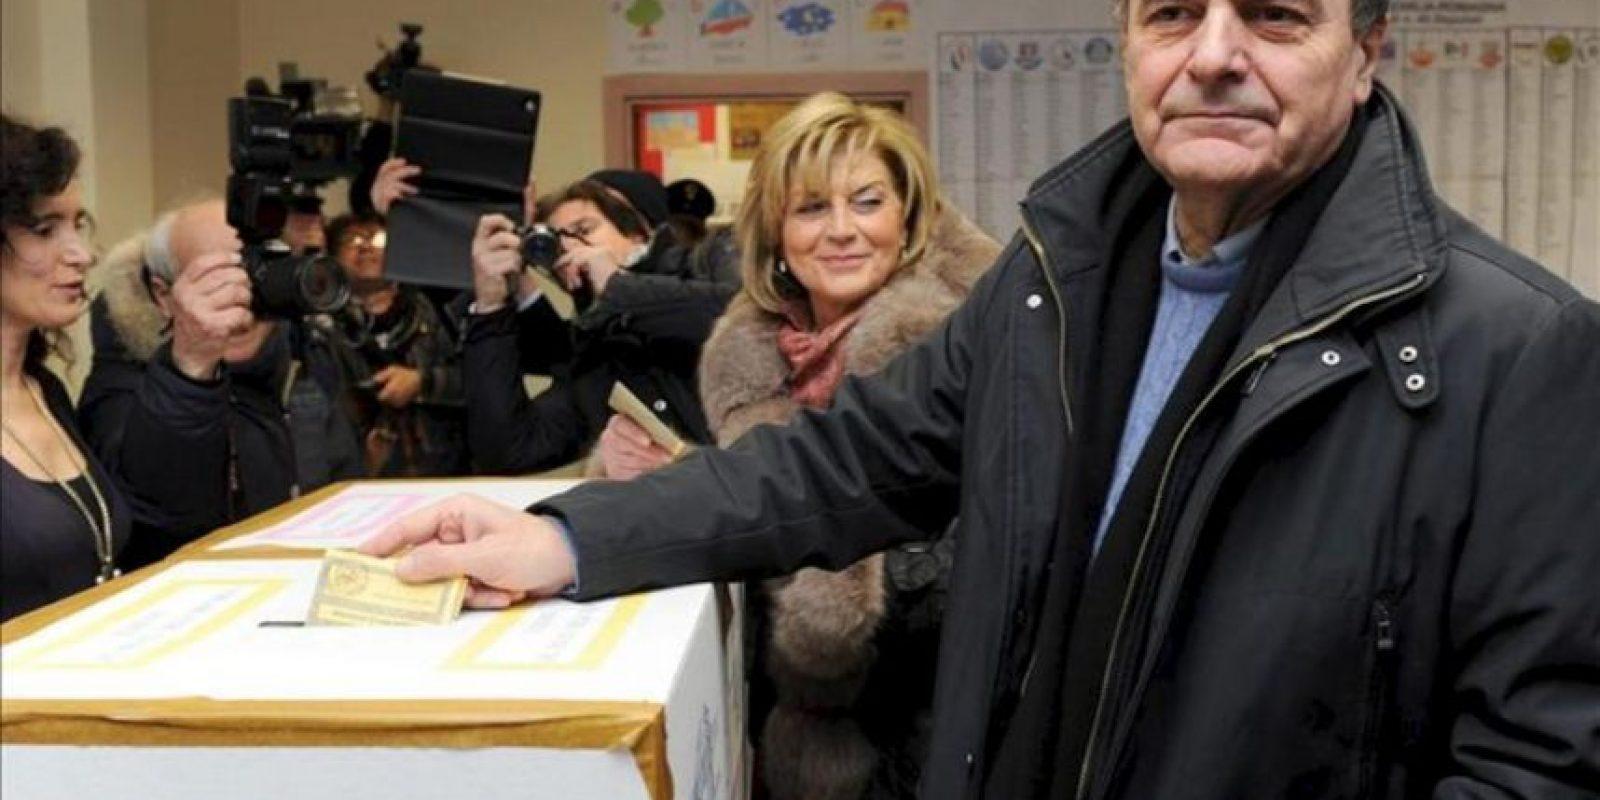 El secretario del Partido Democrático, Pier Luigi Bersani, introduce su voto en una urna. EFE